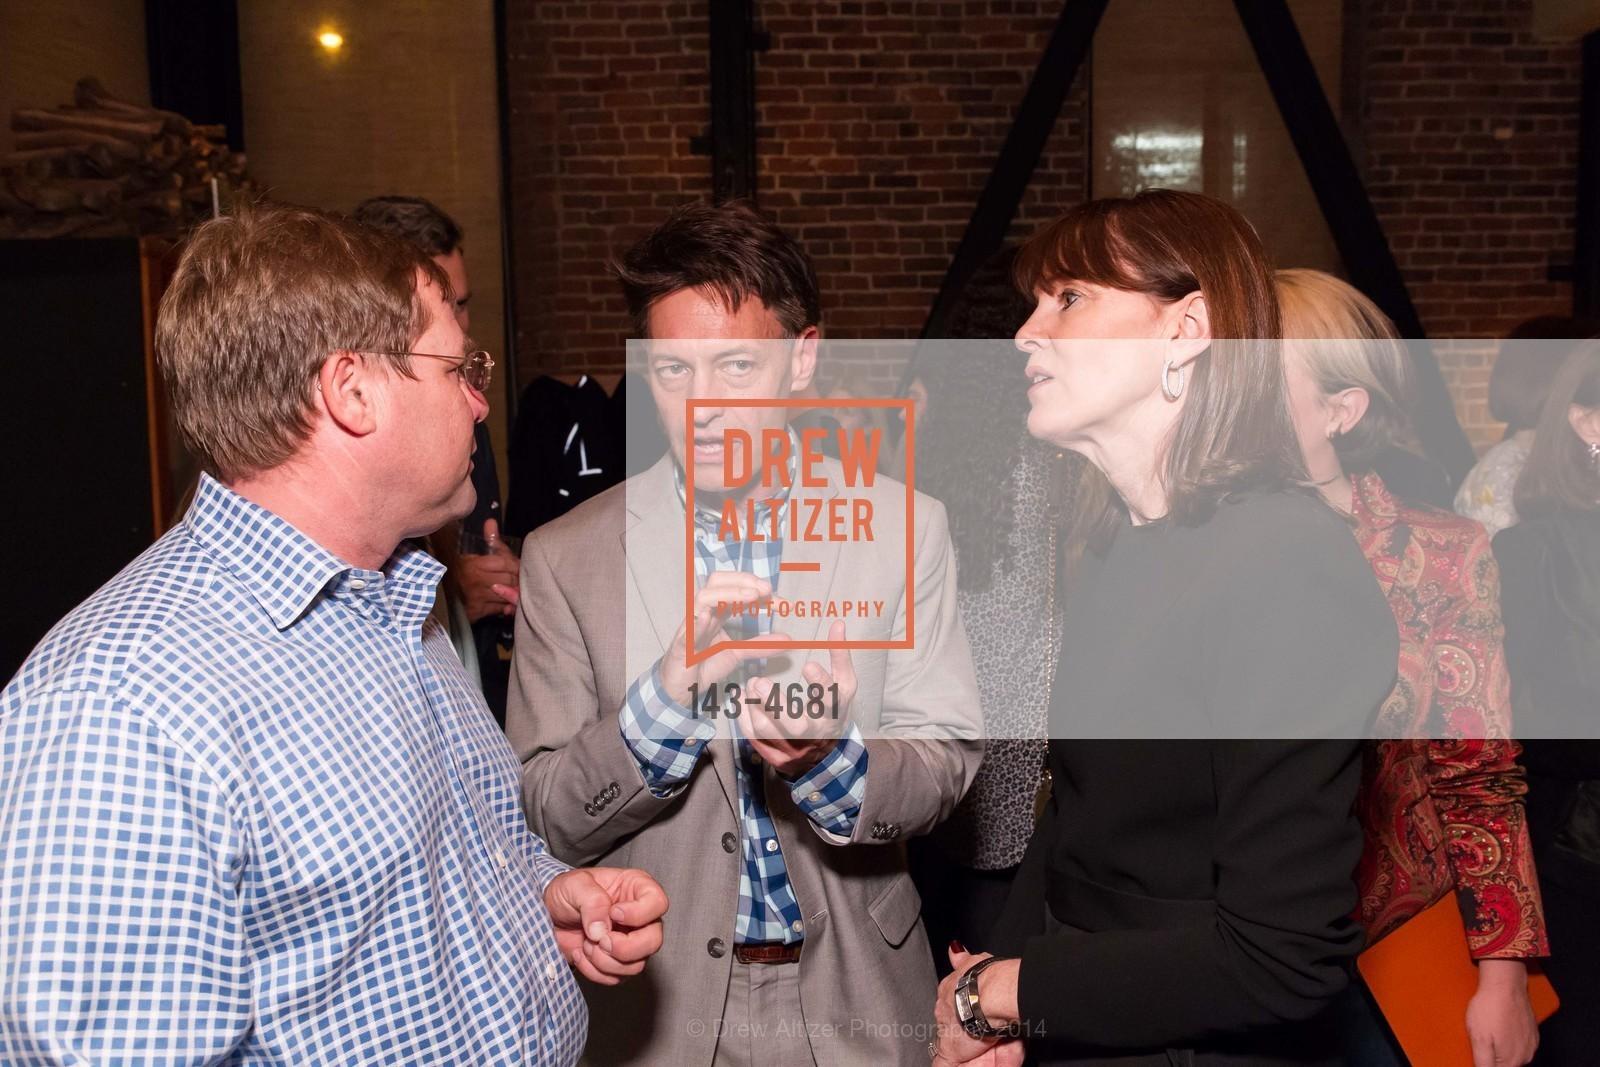 Avrum Spiegel, Seth Jacobson, Allison Speer, Photo #143-4681